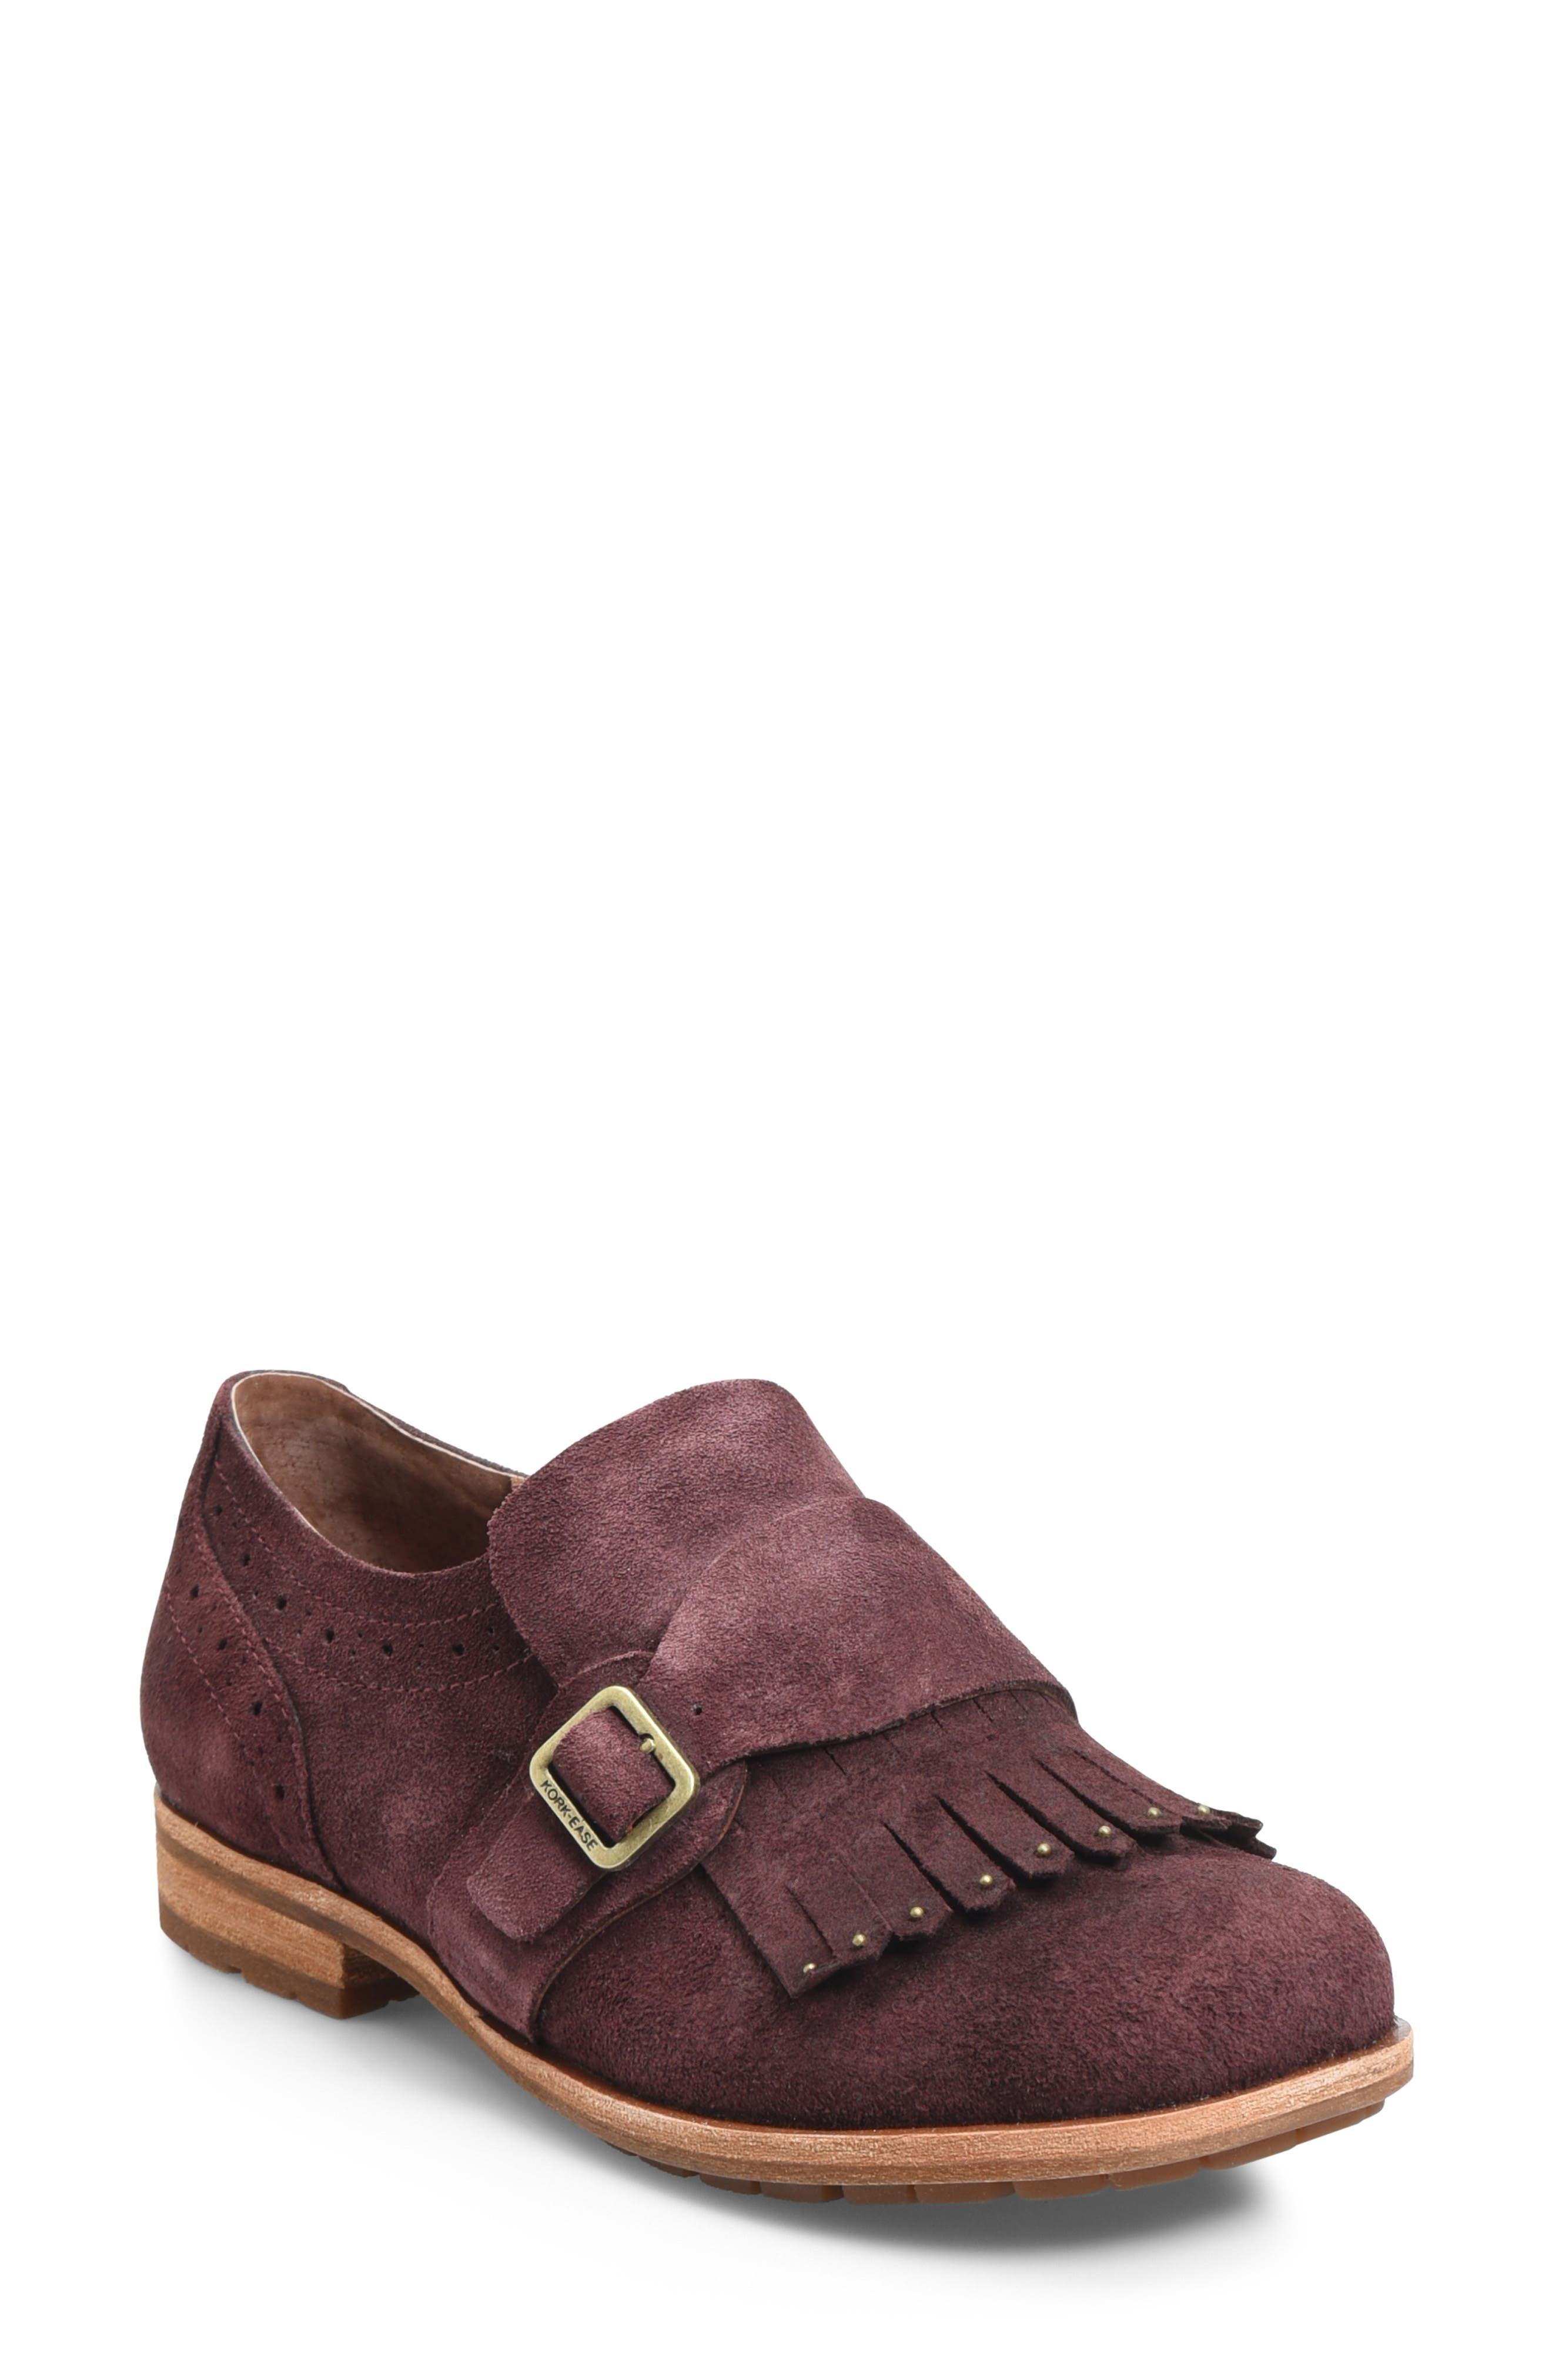 Kork-Ease Bailee Kiltie Monk Strap Shoe, Red